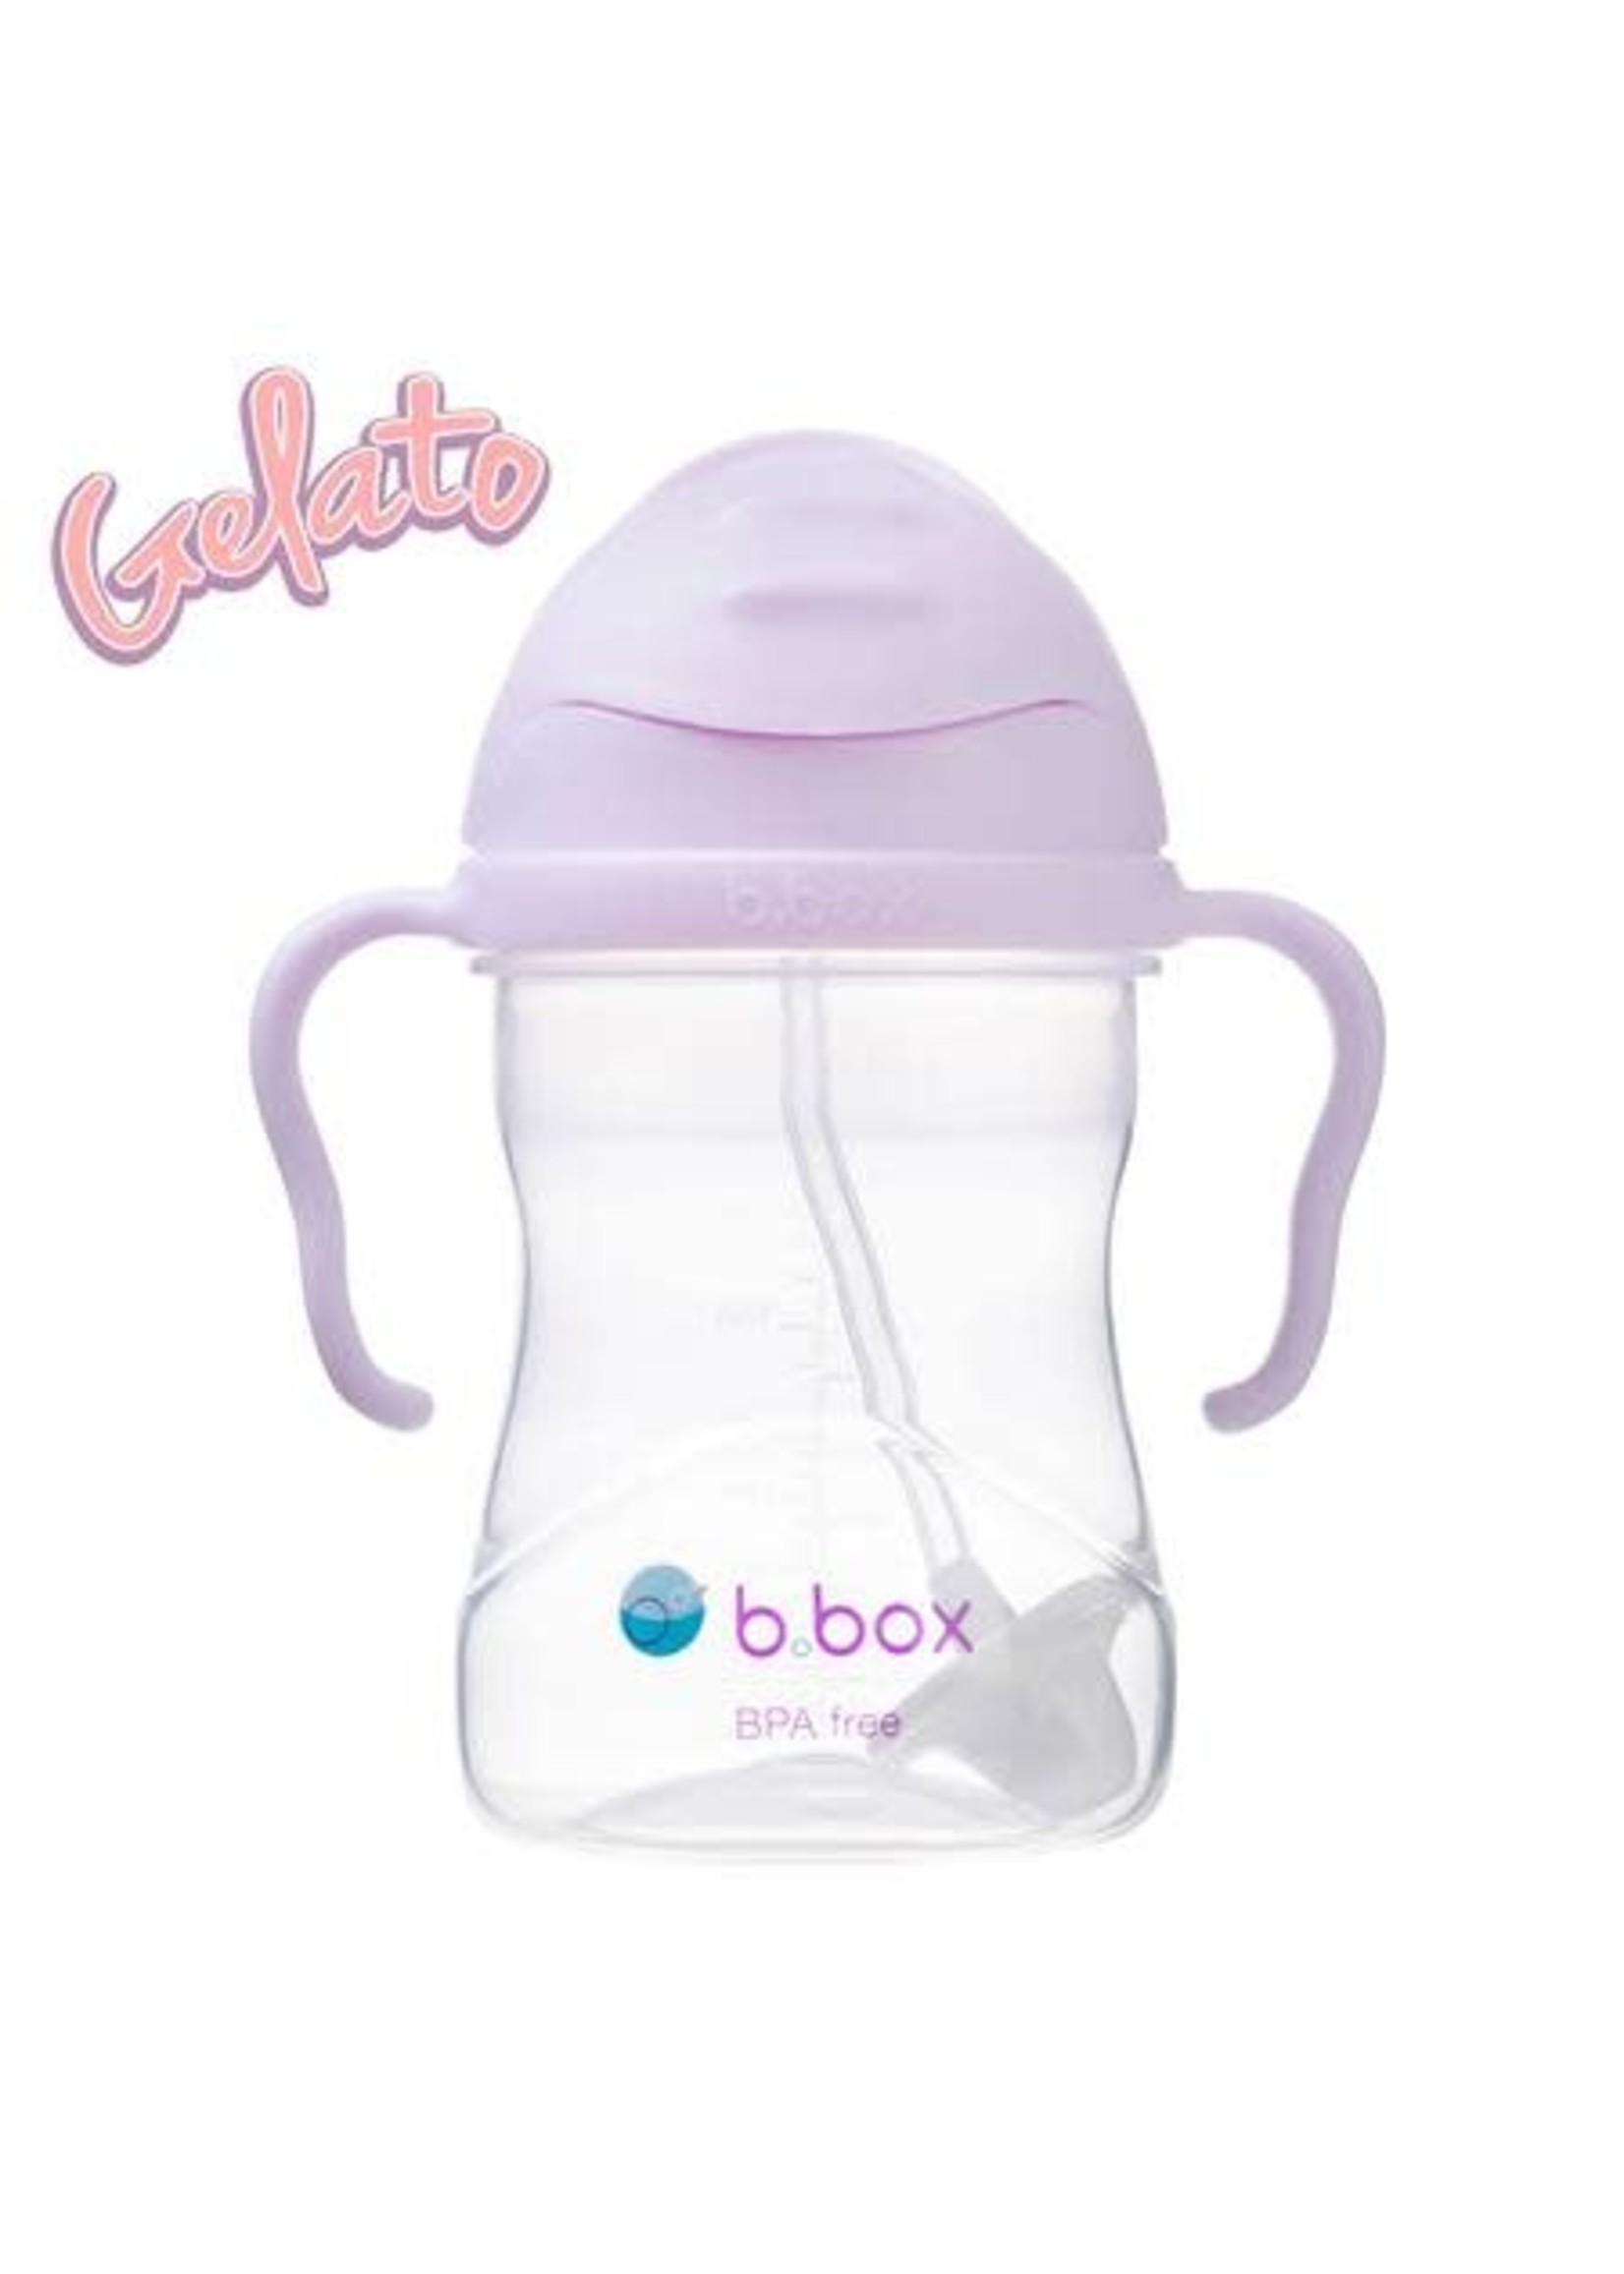 b.box b.box Sippy Cup (Boysenberry)